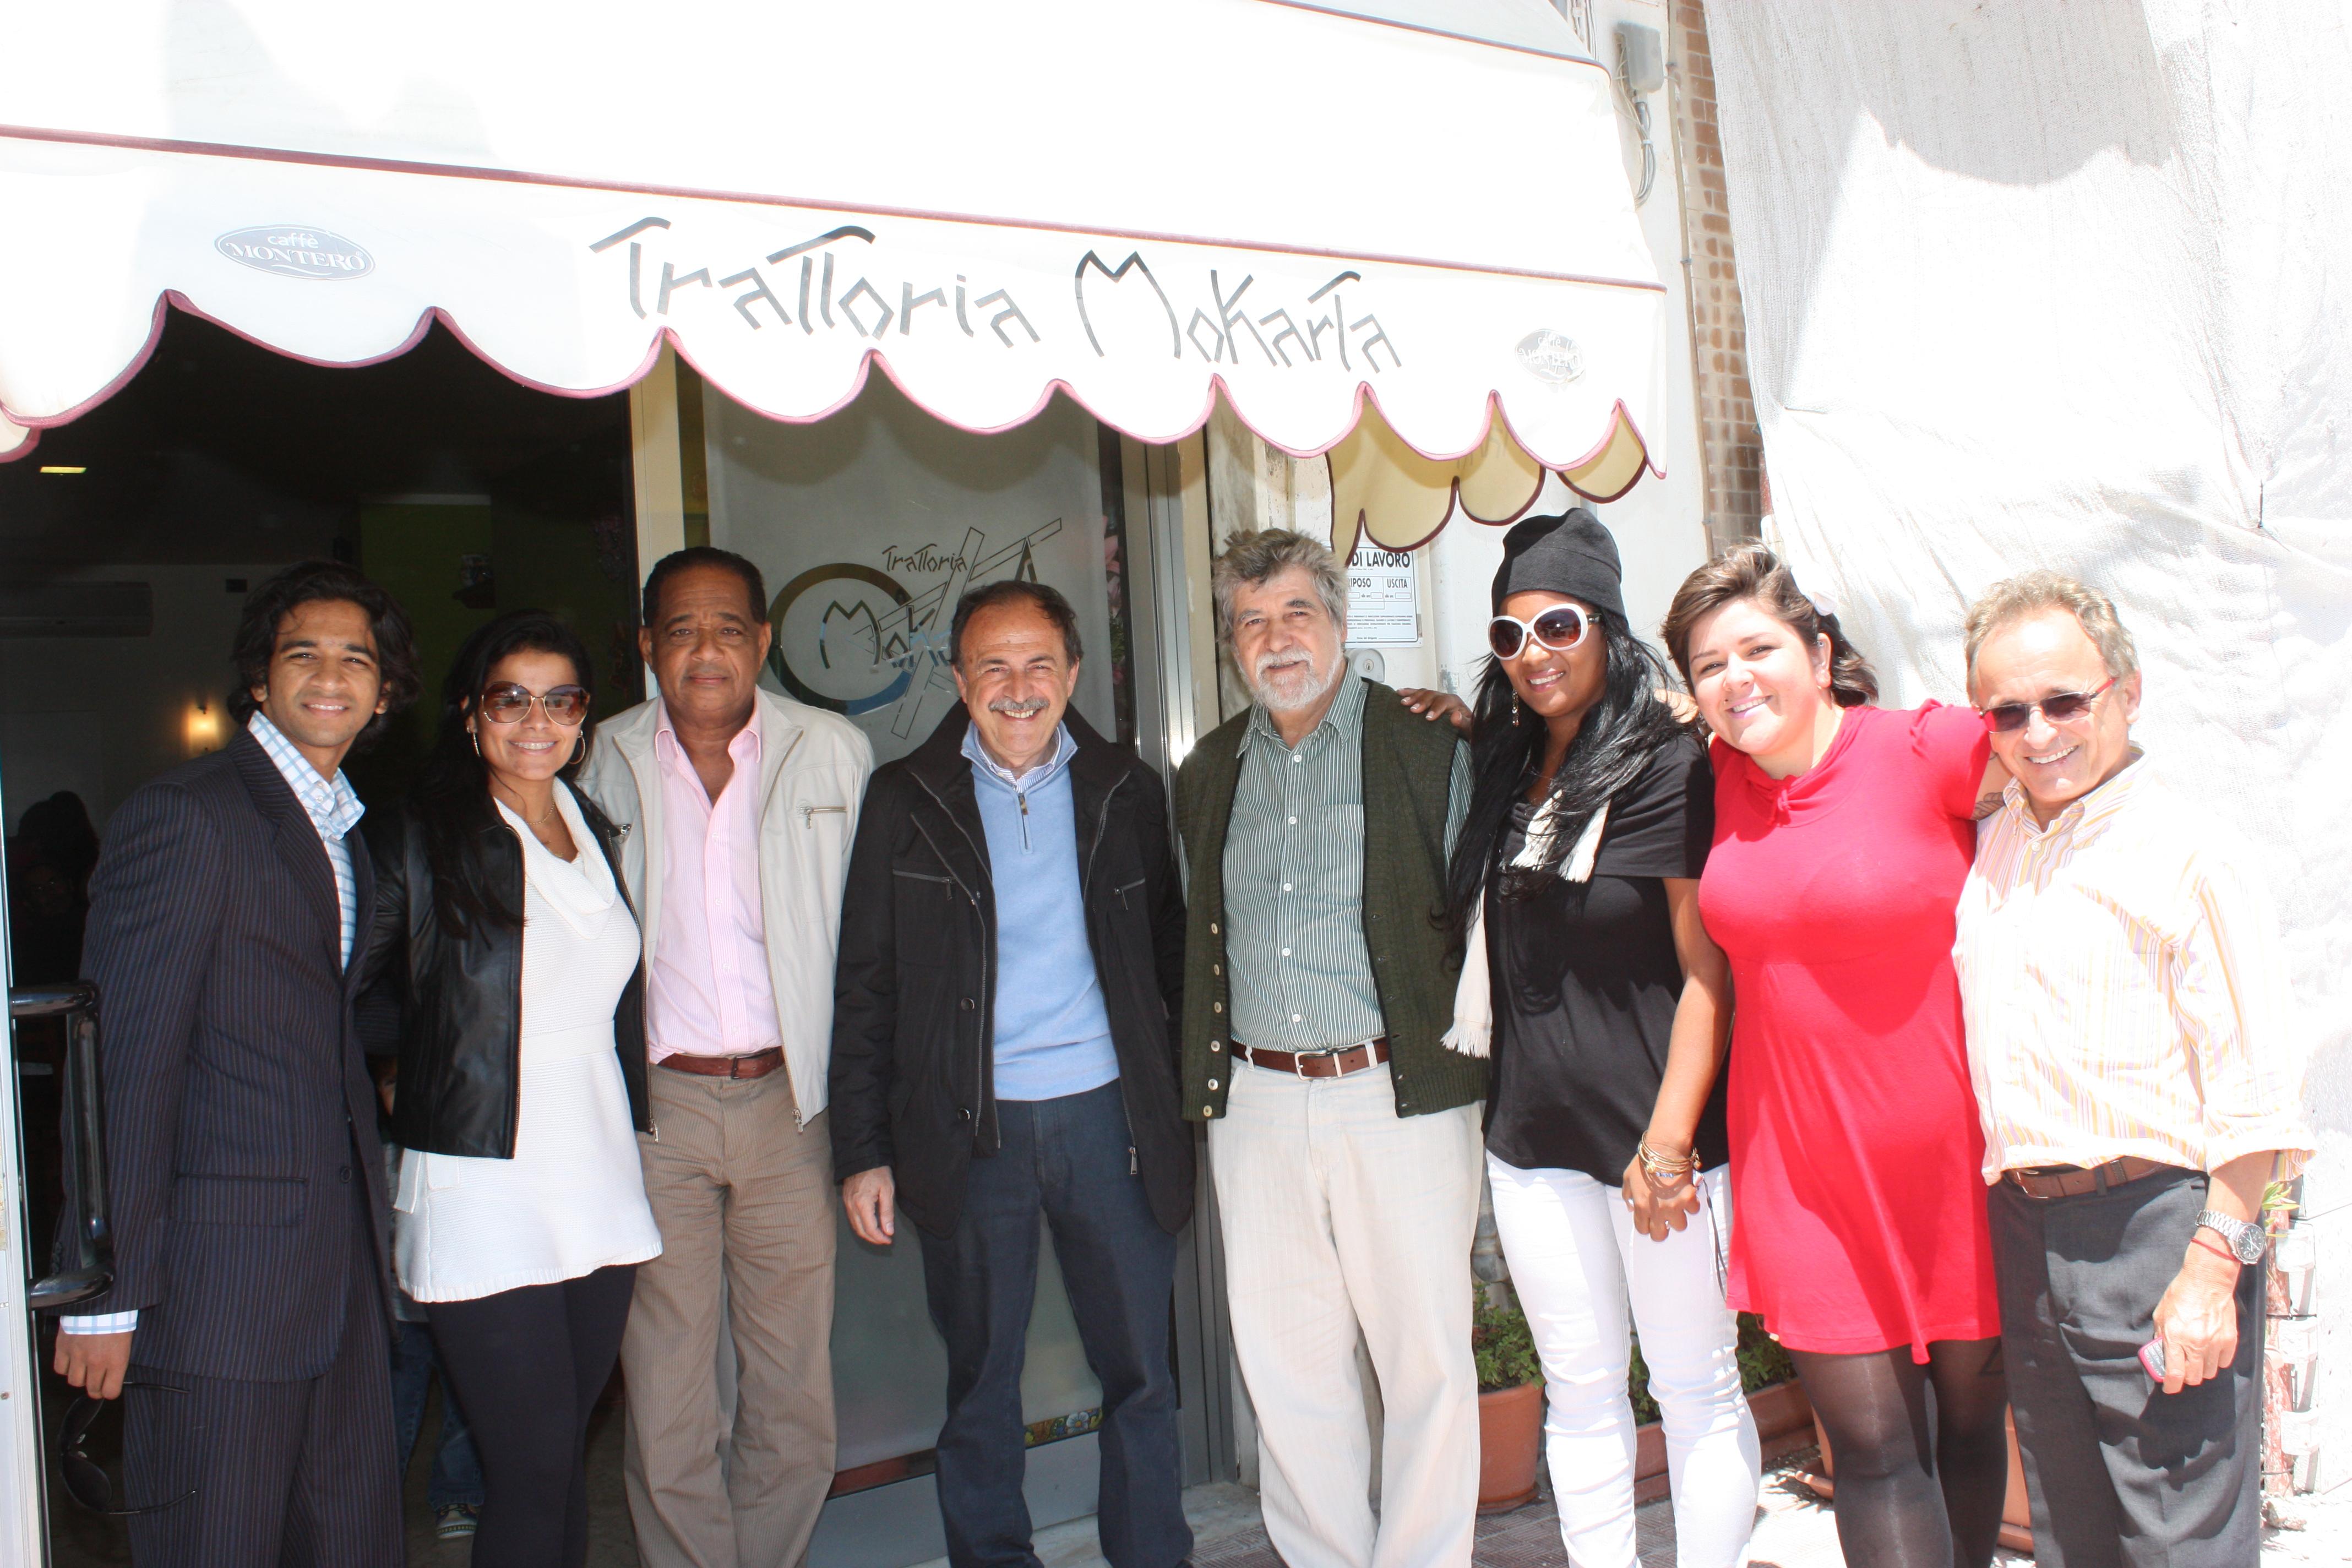 (C) Vitor Bono, prefeito de Sciacca na época, com a comitiva de Salvador